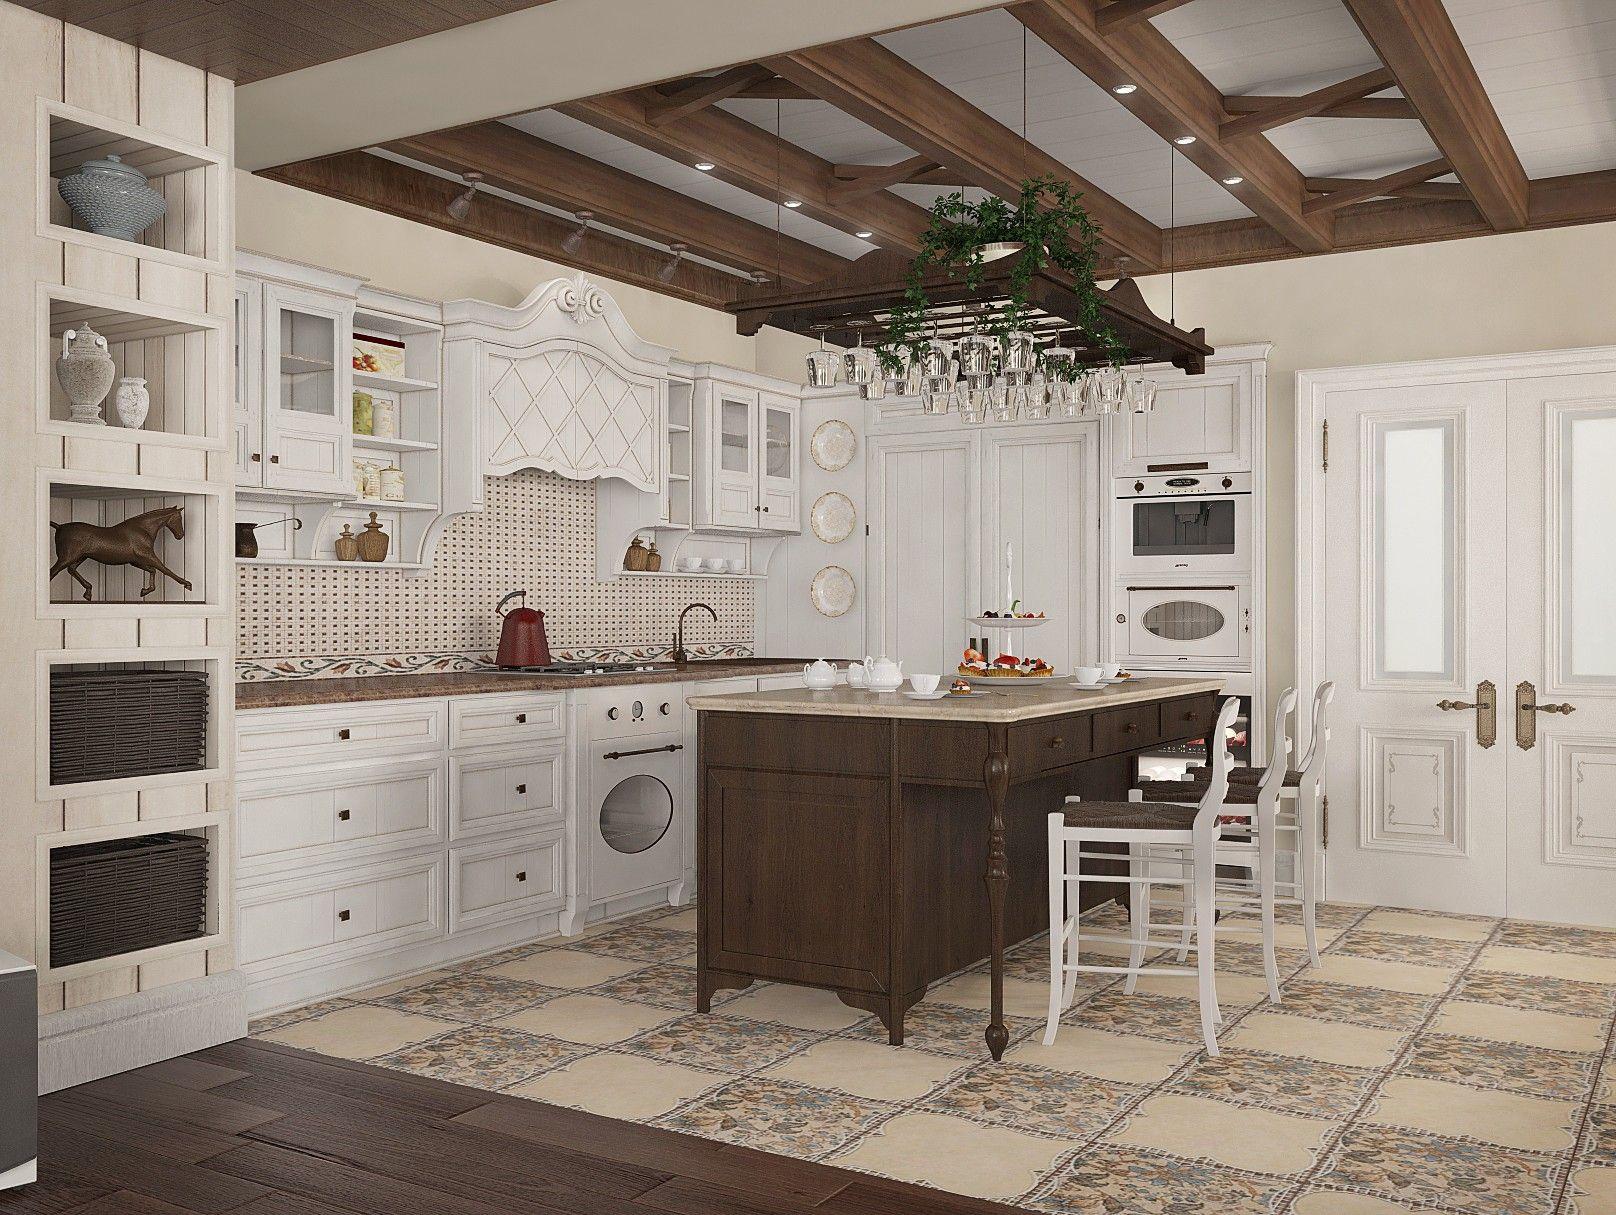 Кухня: дизайн интерьеров